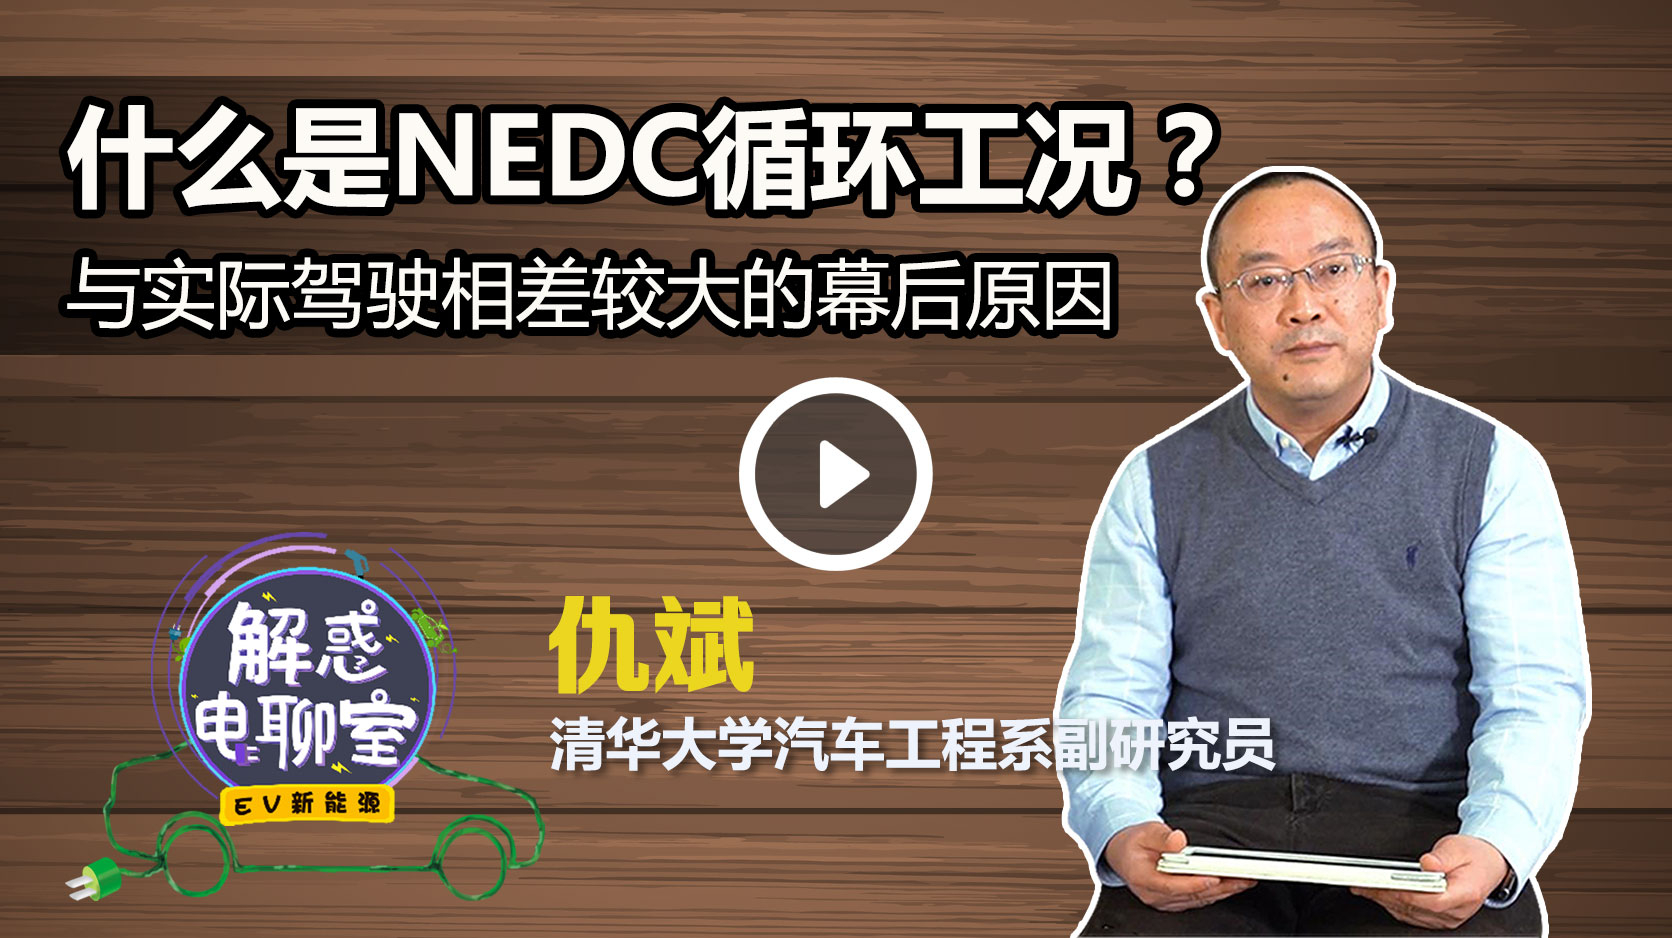 大家常说的NEDC工况续航指的是什么